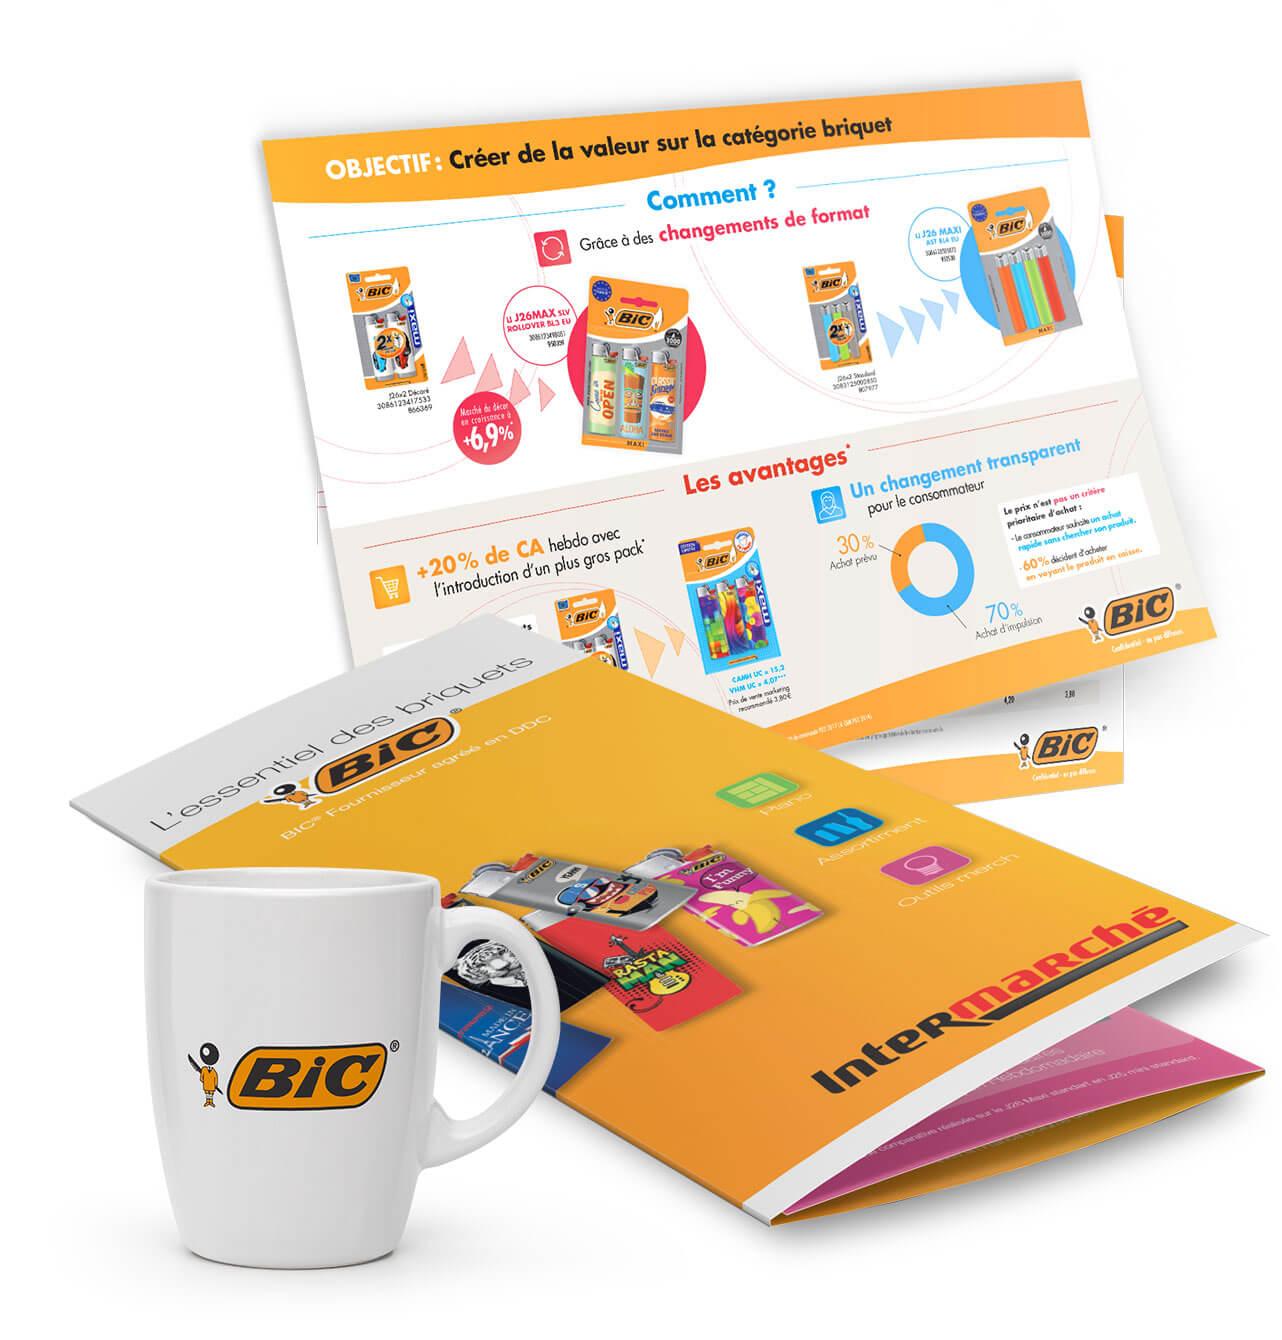 Création graphique print pour BIC